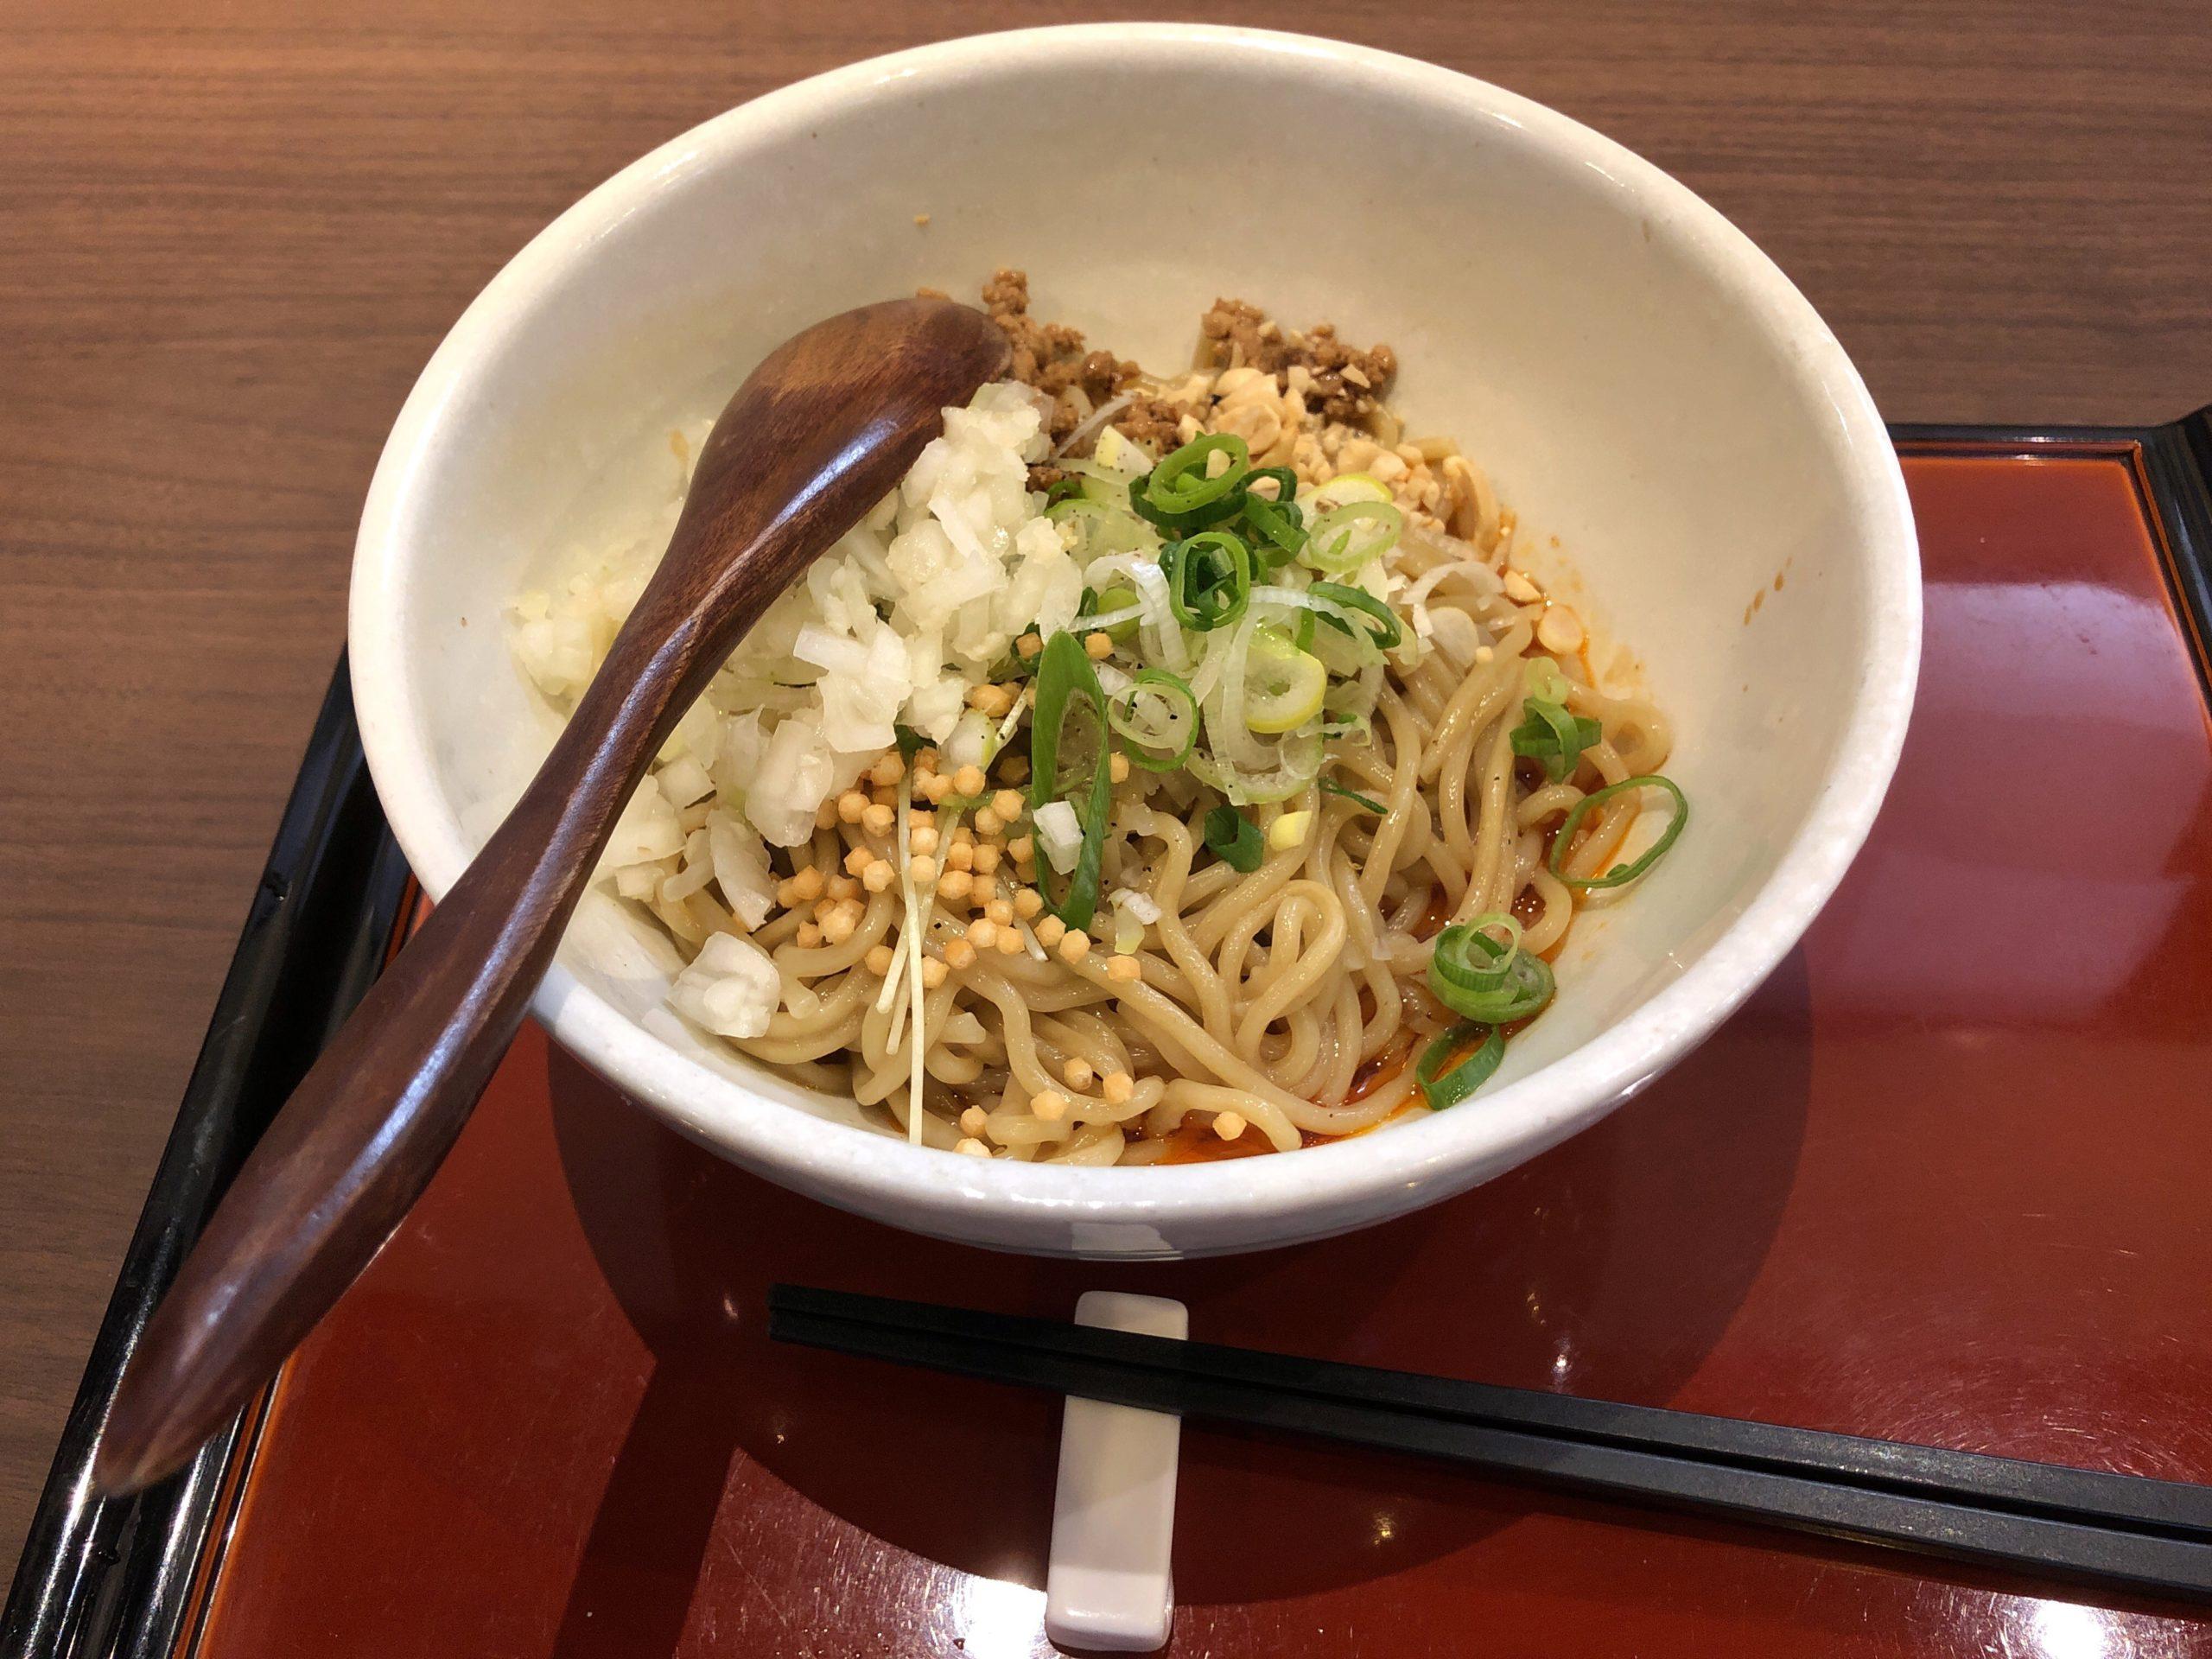 西川田方面にリニューアルオープンした担々麺専門店「發巳」に再訪問、正宗担々麺と發巳汁なし担々麺との違いを比べてみました